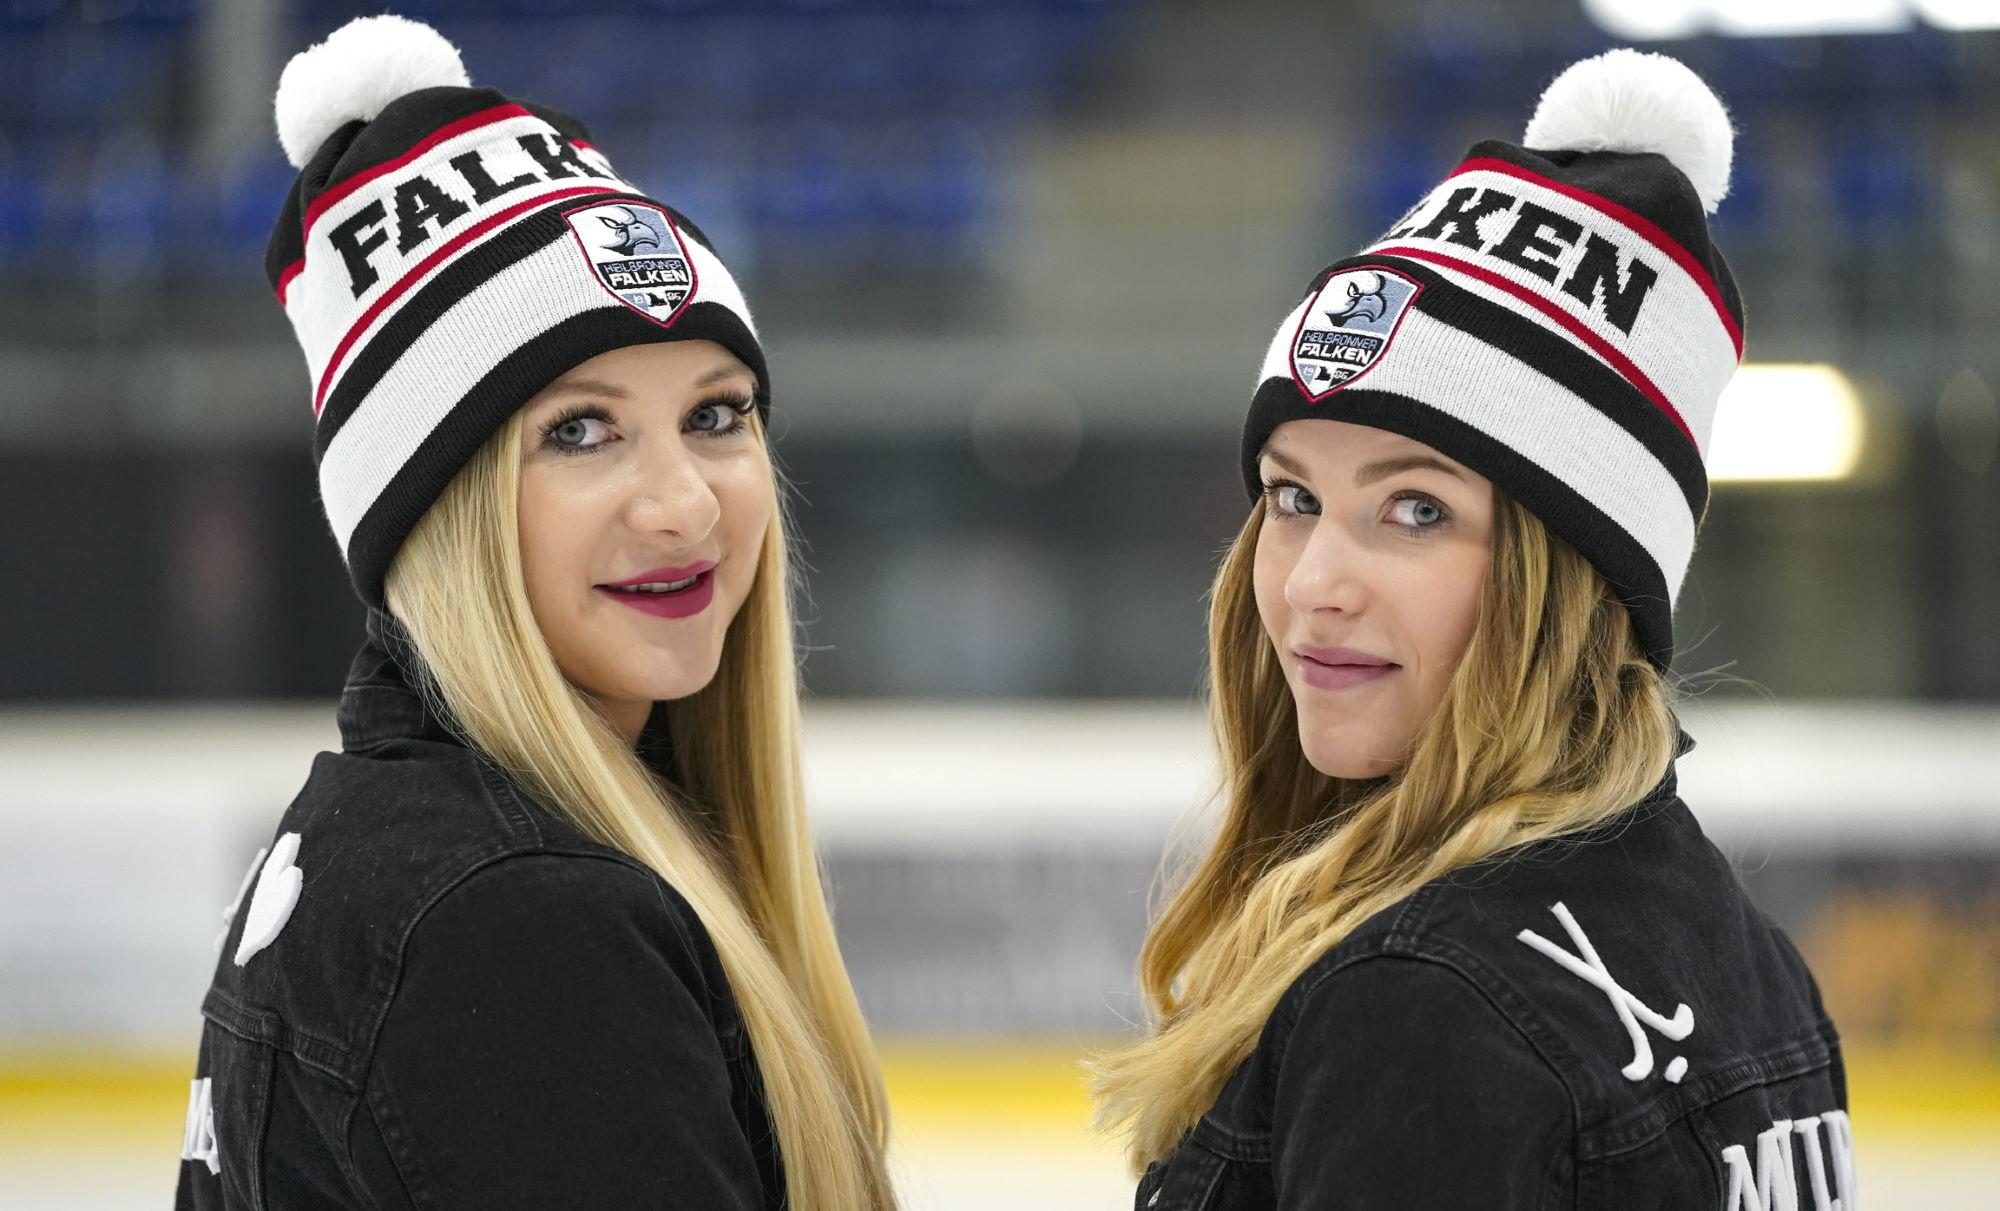 Eishockey Pudelmütze Frauen